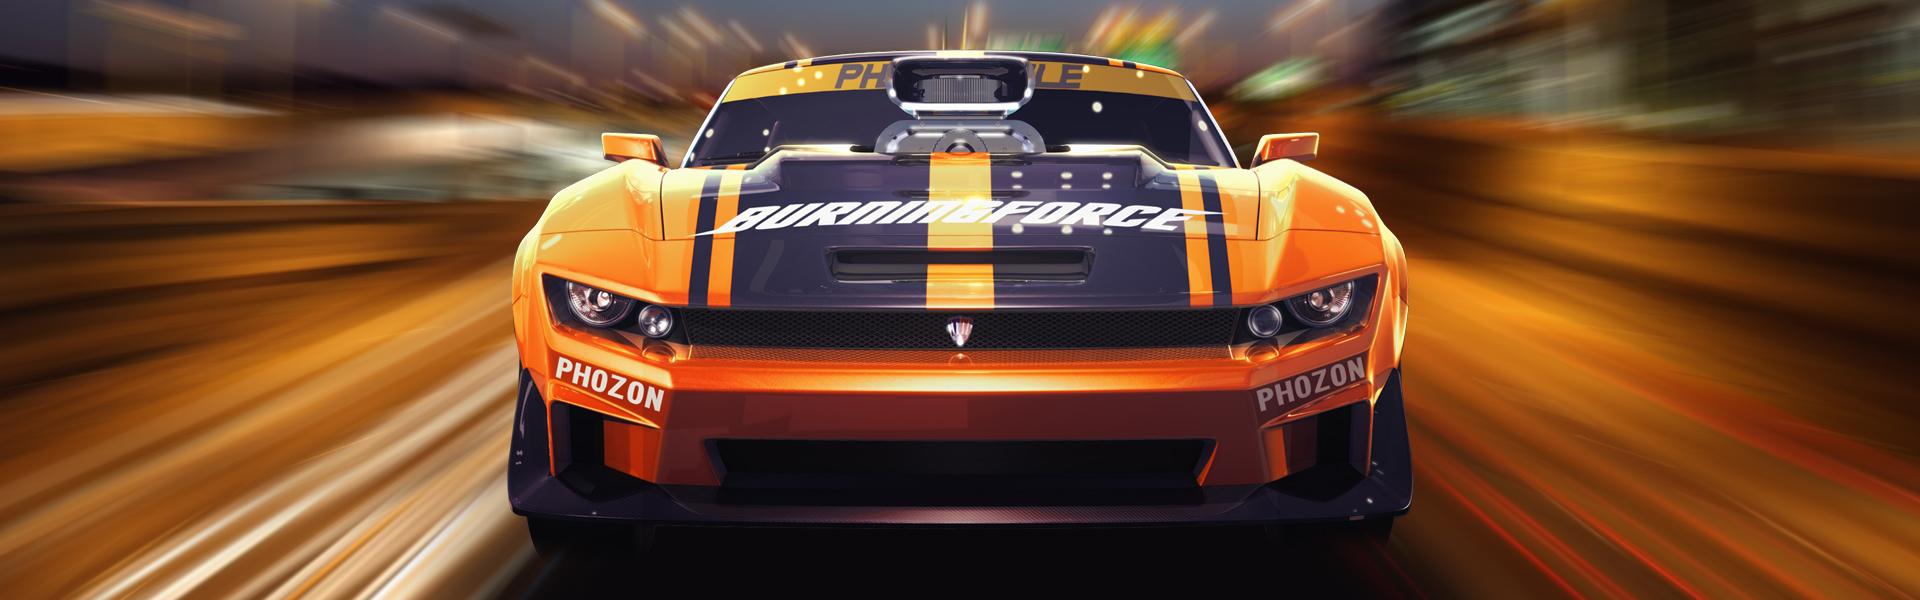 MPU_Ep15_Arcade_Racers_1920x600